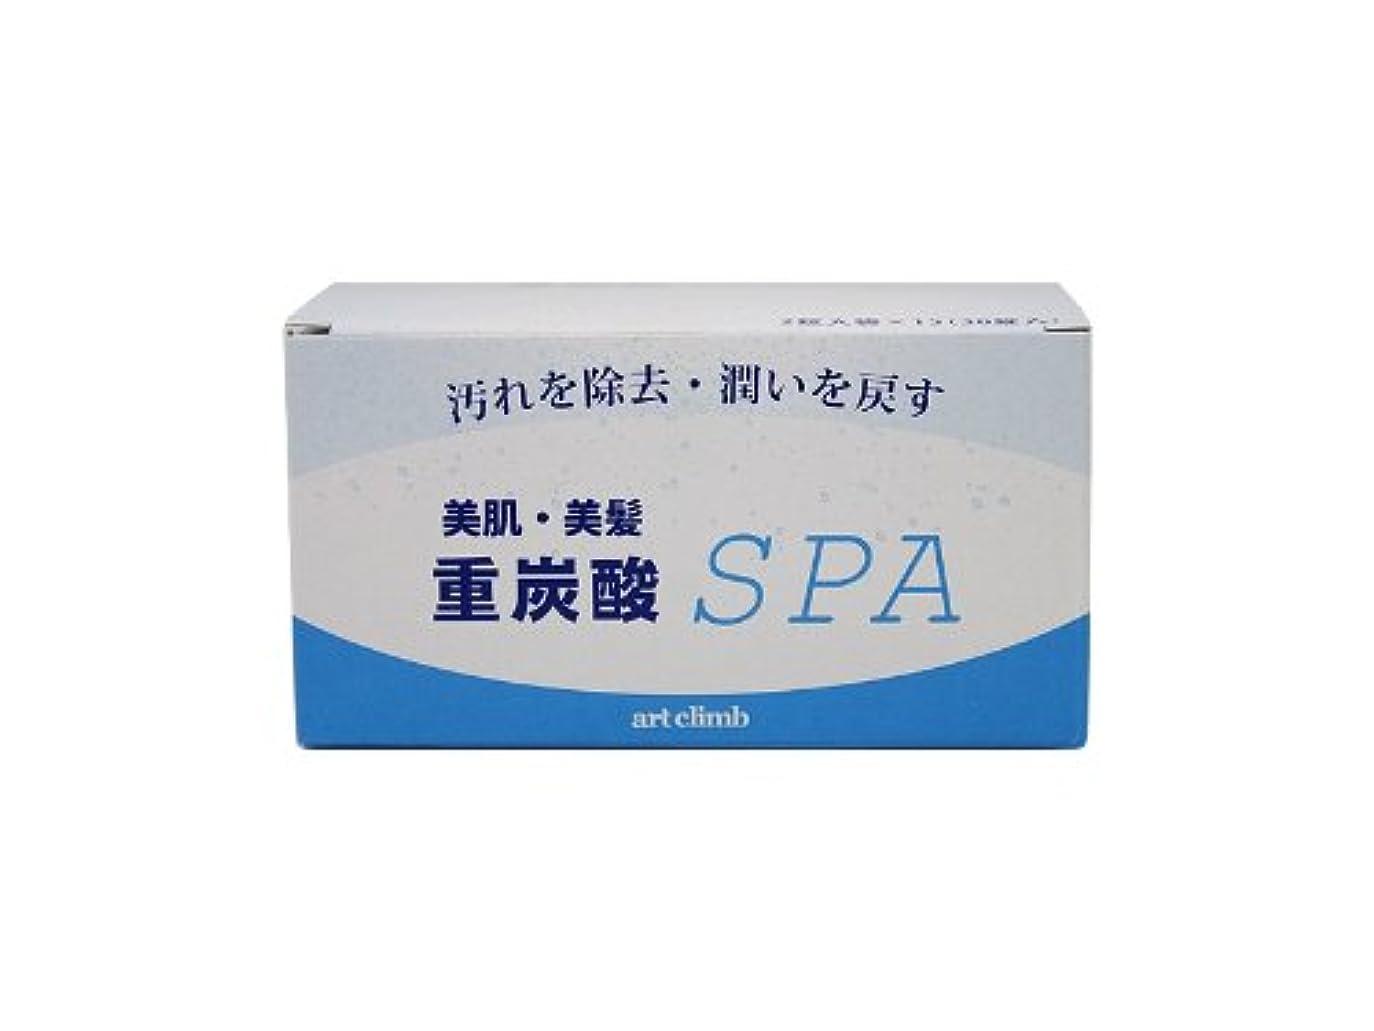 偶然アメリカメンバー重炭酸SPA (15g 30錠入り)